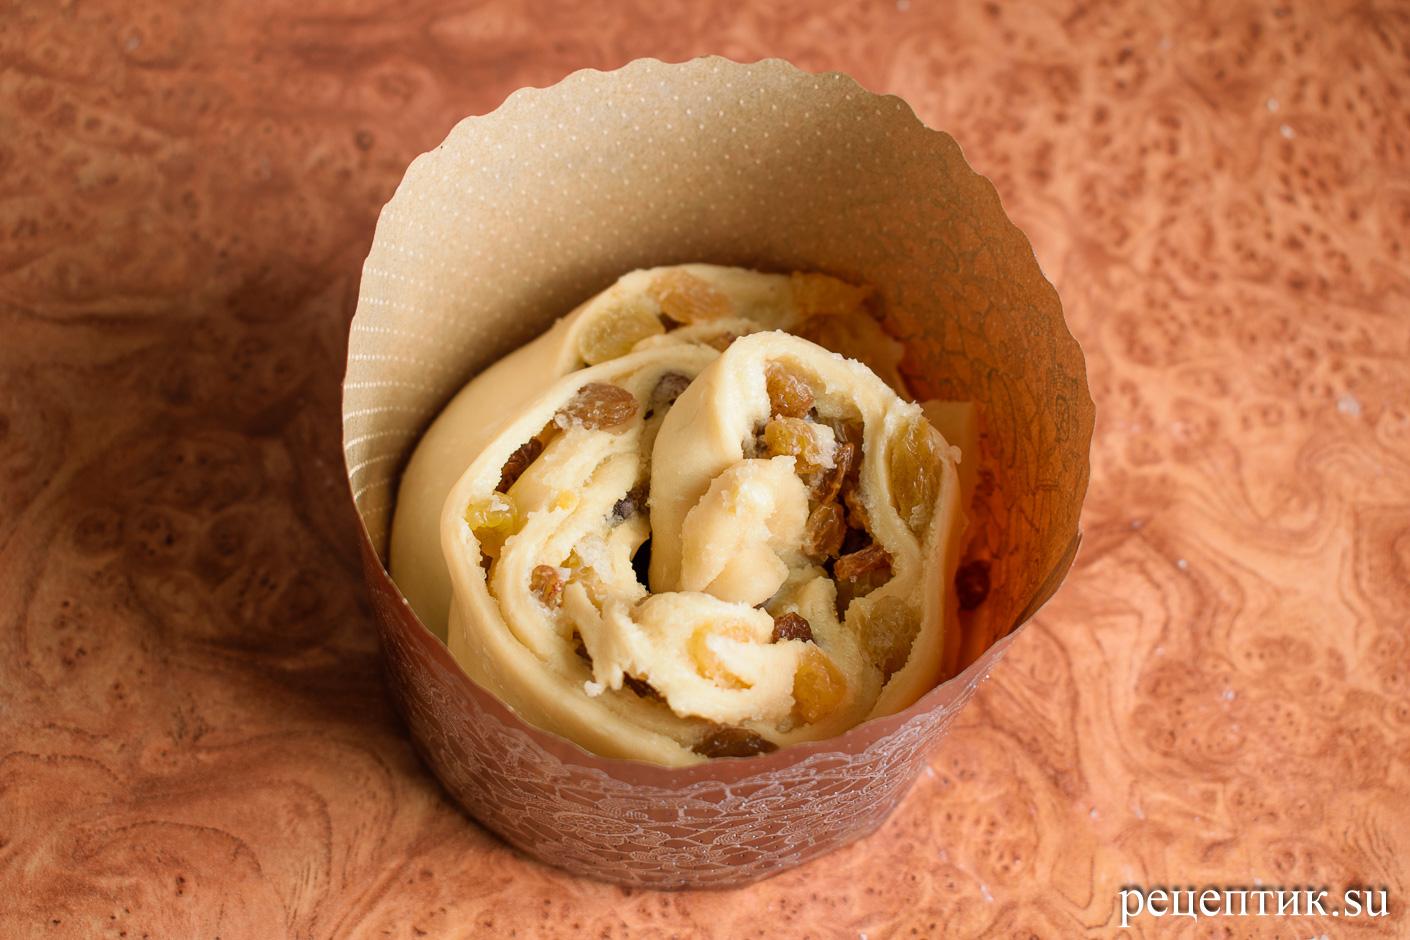 Пасхальный кулич-краффин – простой, быстрый и невероятно вкусный - рецепт с фото, шаг 19